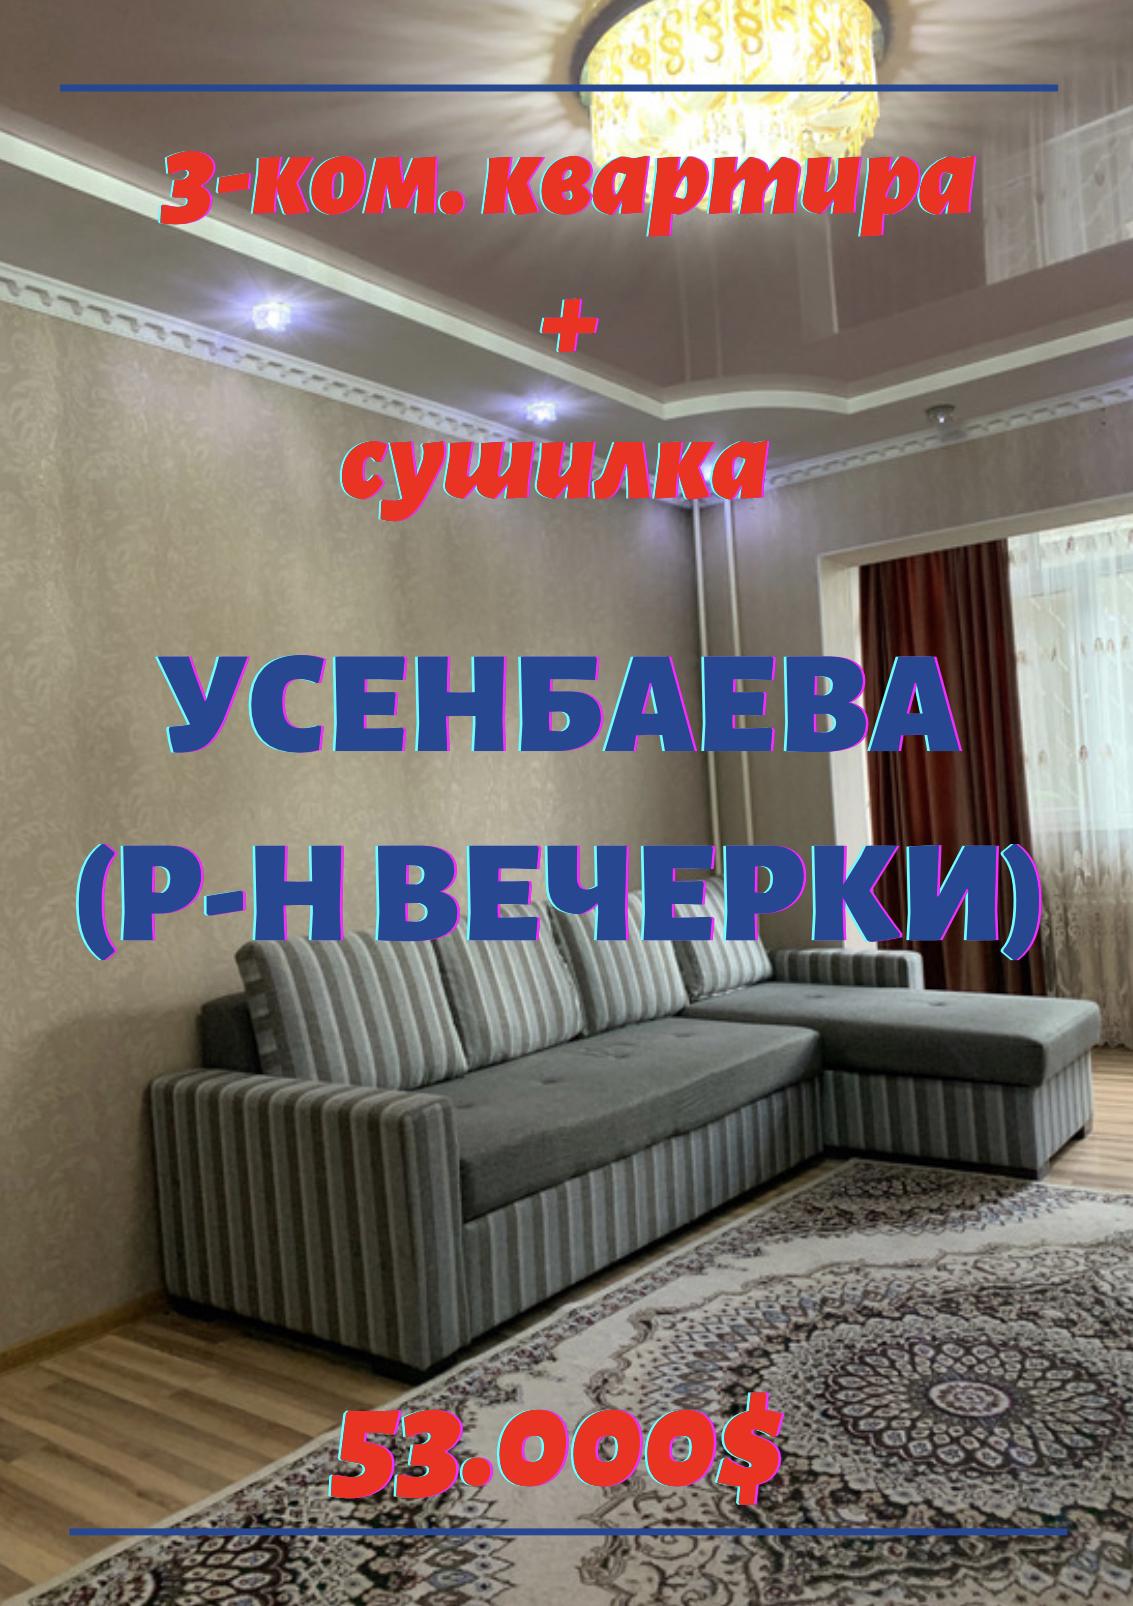 3-ком. кв  Усенбаева